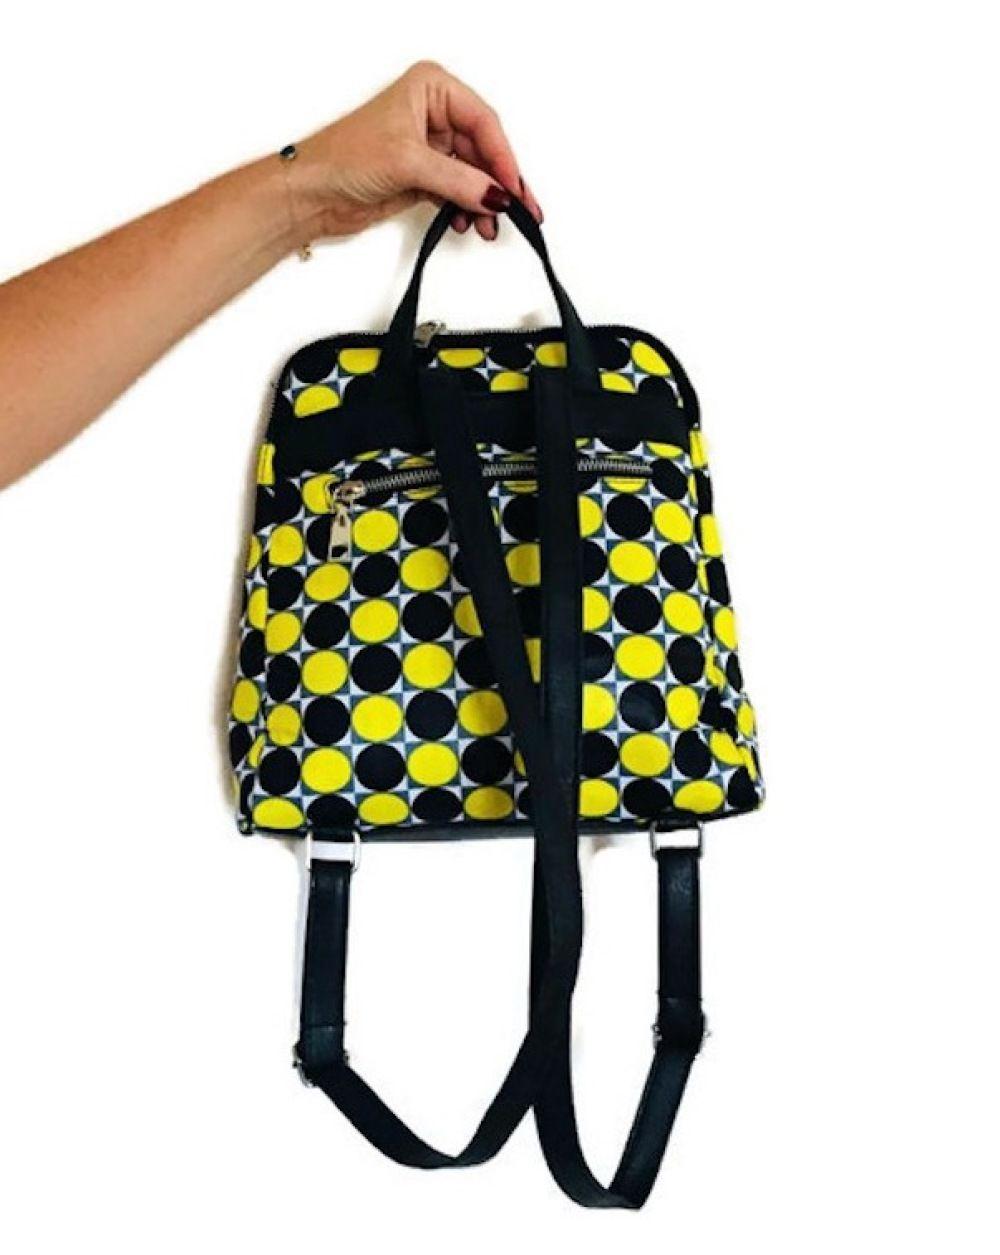 6fdd391f202 Sac à dos wax tissu africain imprimé géométrique graphique rond jaune et  noir sac à dos fashion